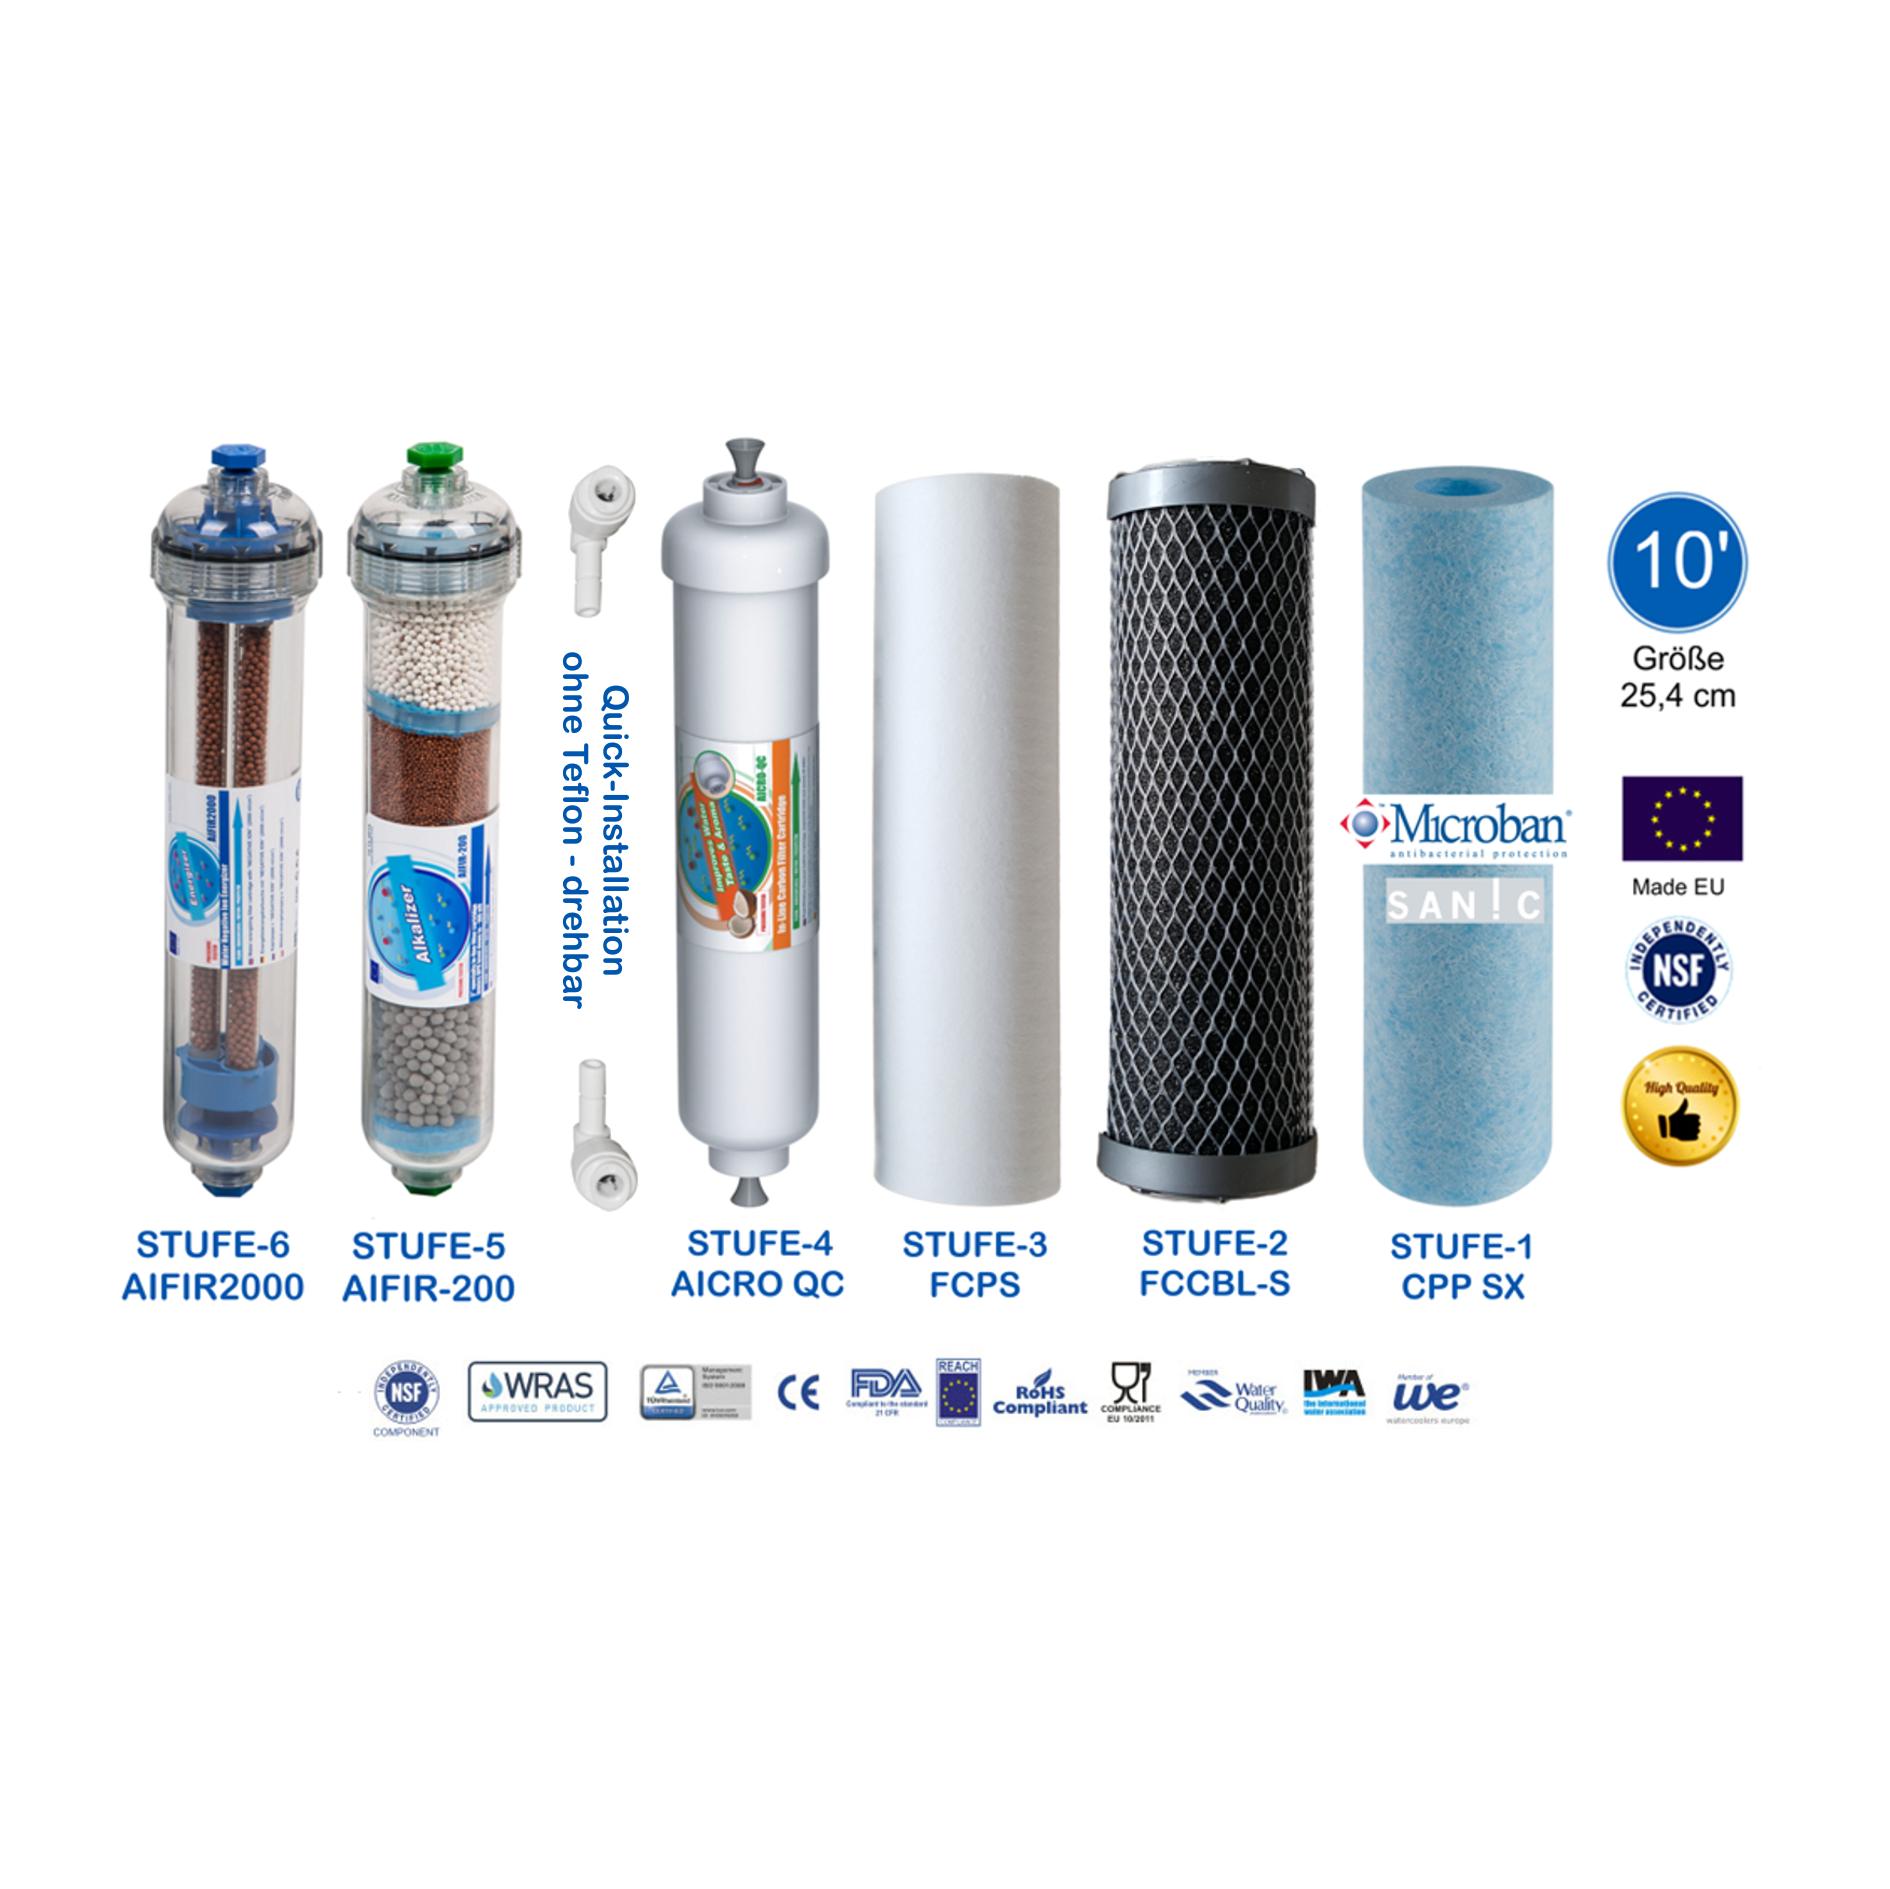 regenwasser filtern trinkwasser affordable sickerblocs with regenwasser filtern trinkwasser. Black Bedroom Furniture Sets. Home Design Ideas